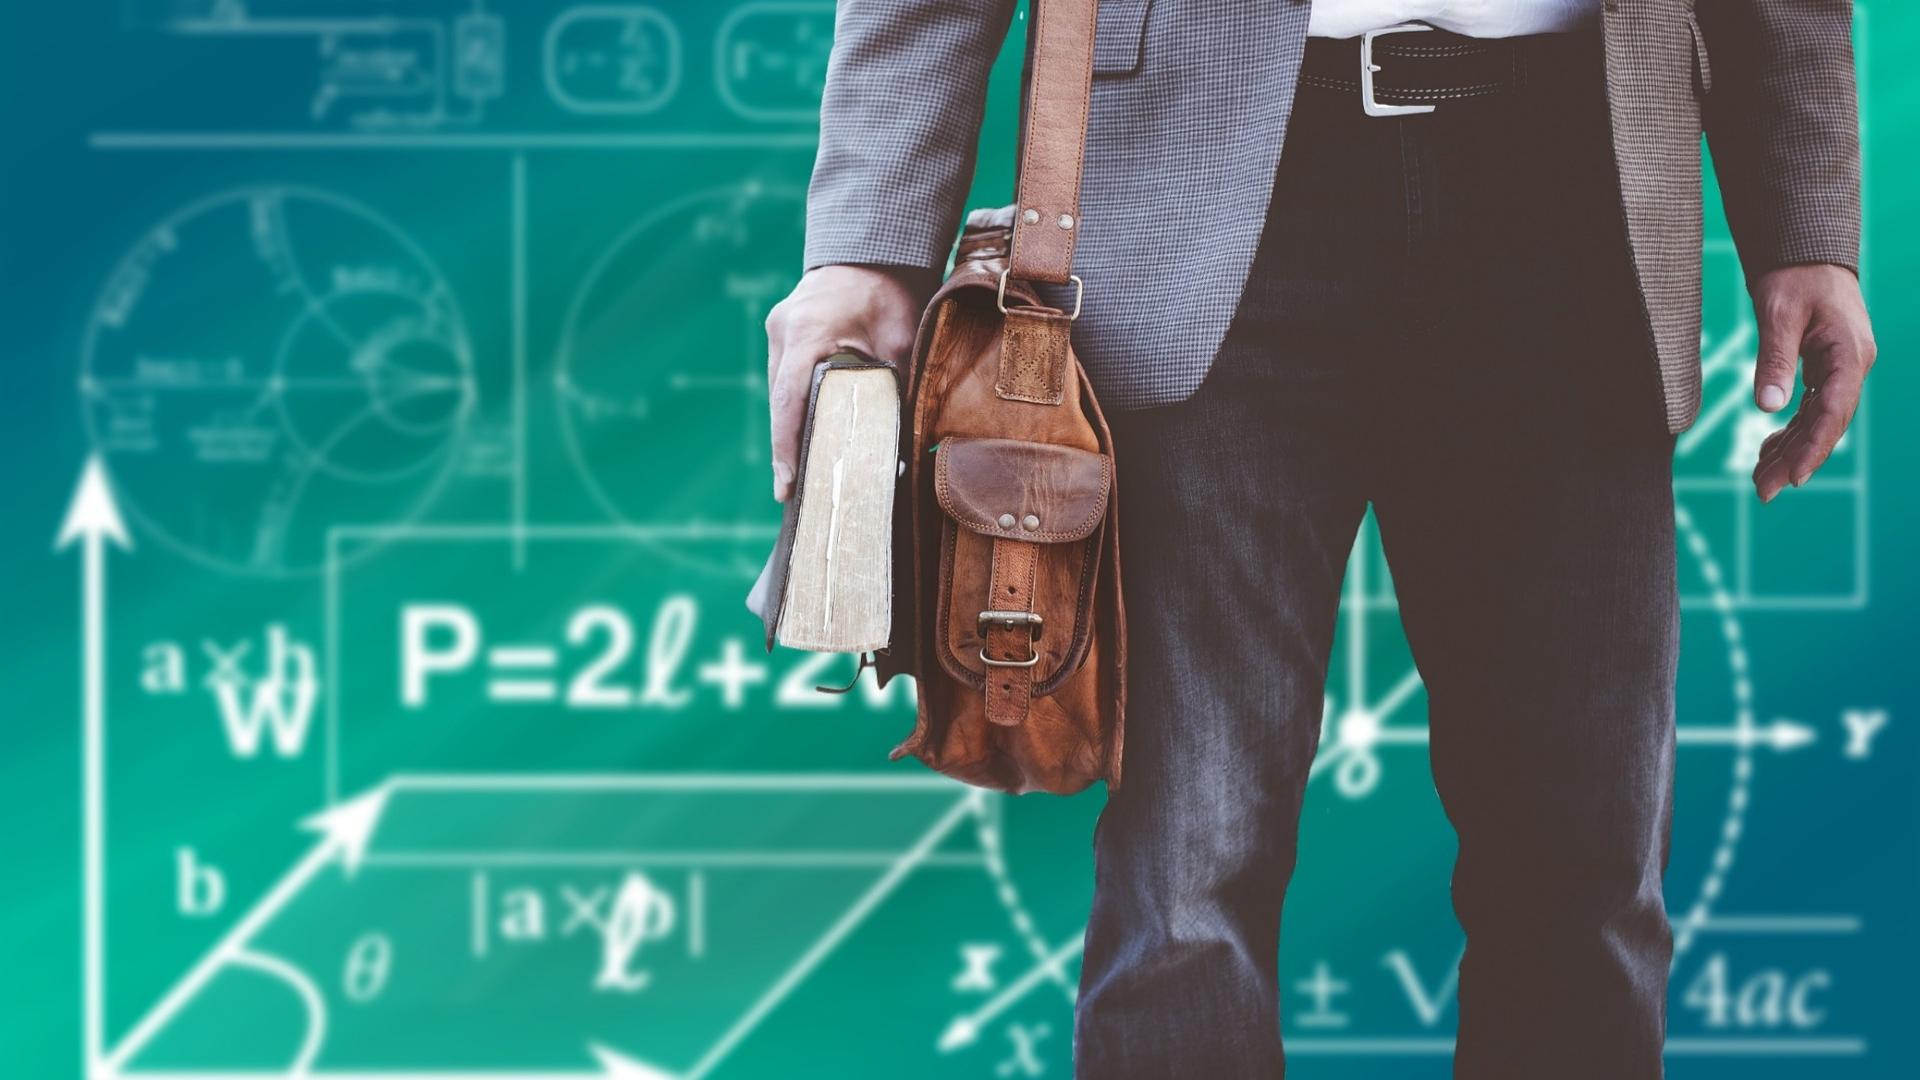 Czy studia są w życiu potrzebne? Jak się żyje bez wyższego wykształcenia w różnych krajach? Blog o marketingu